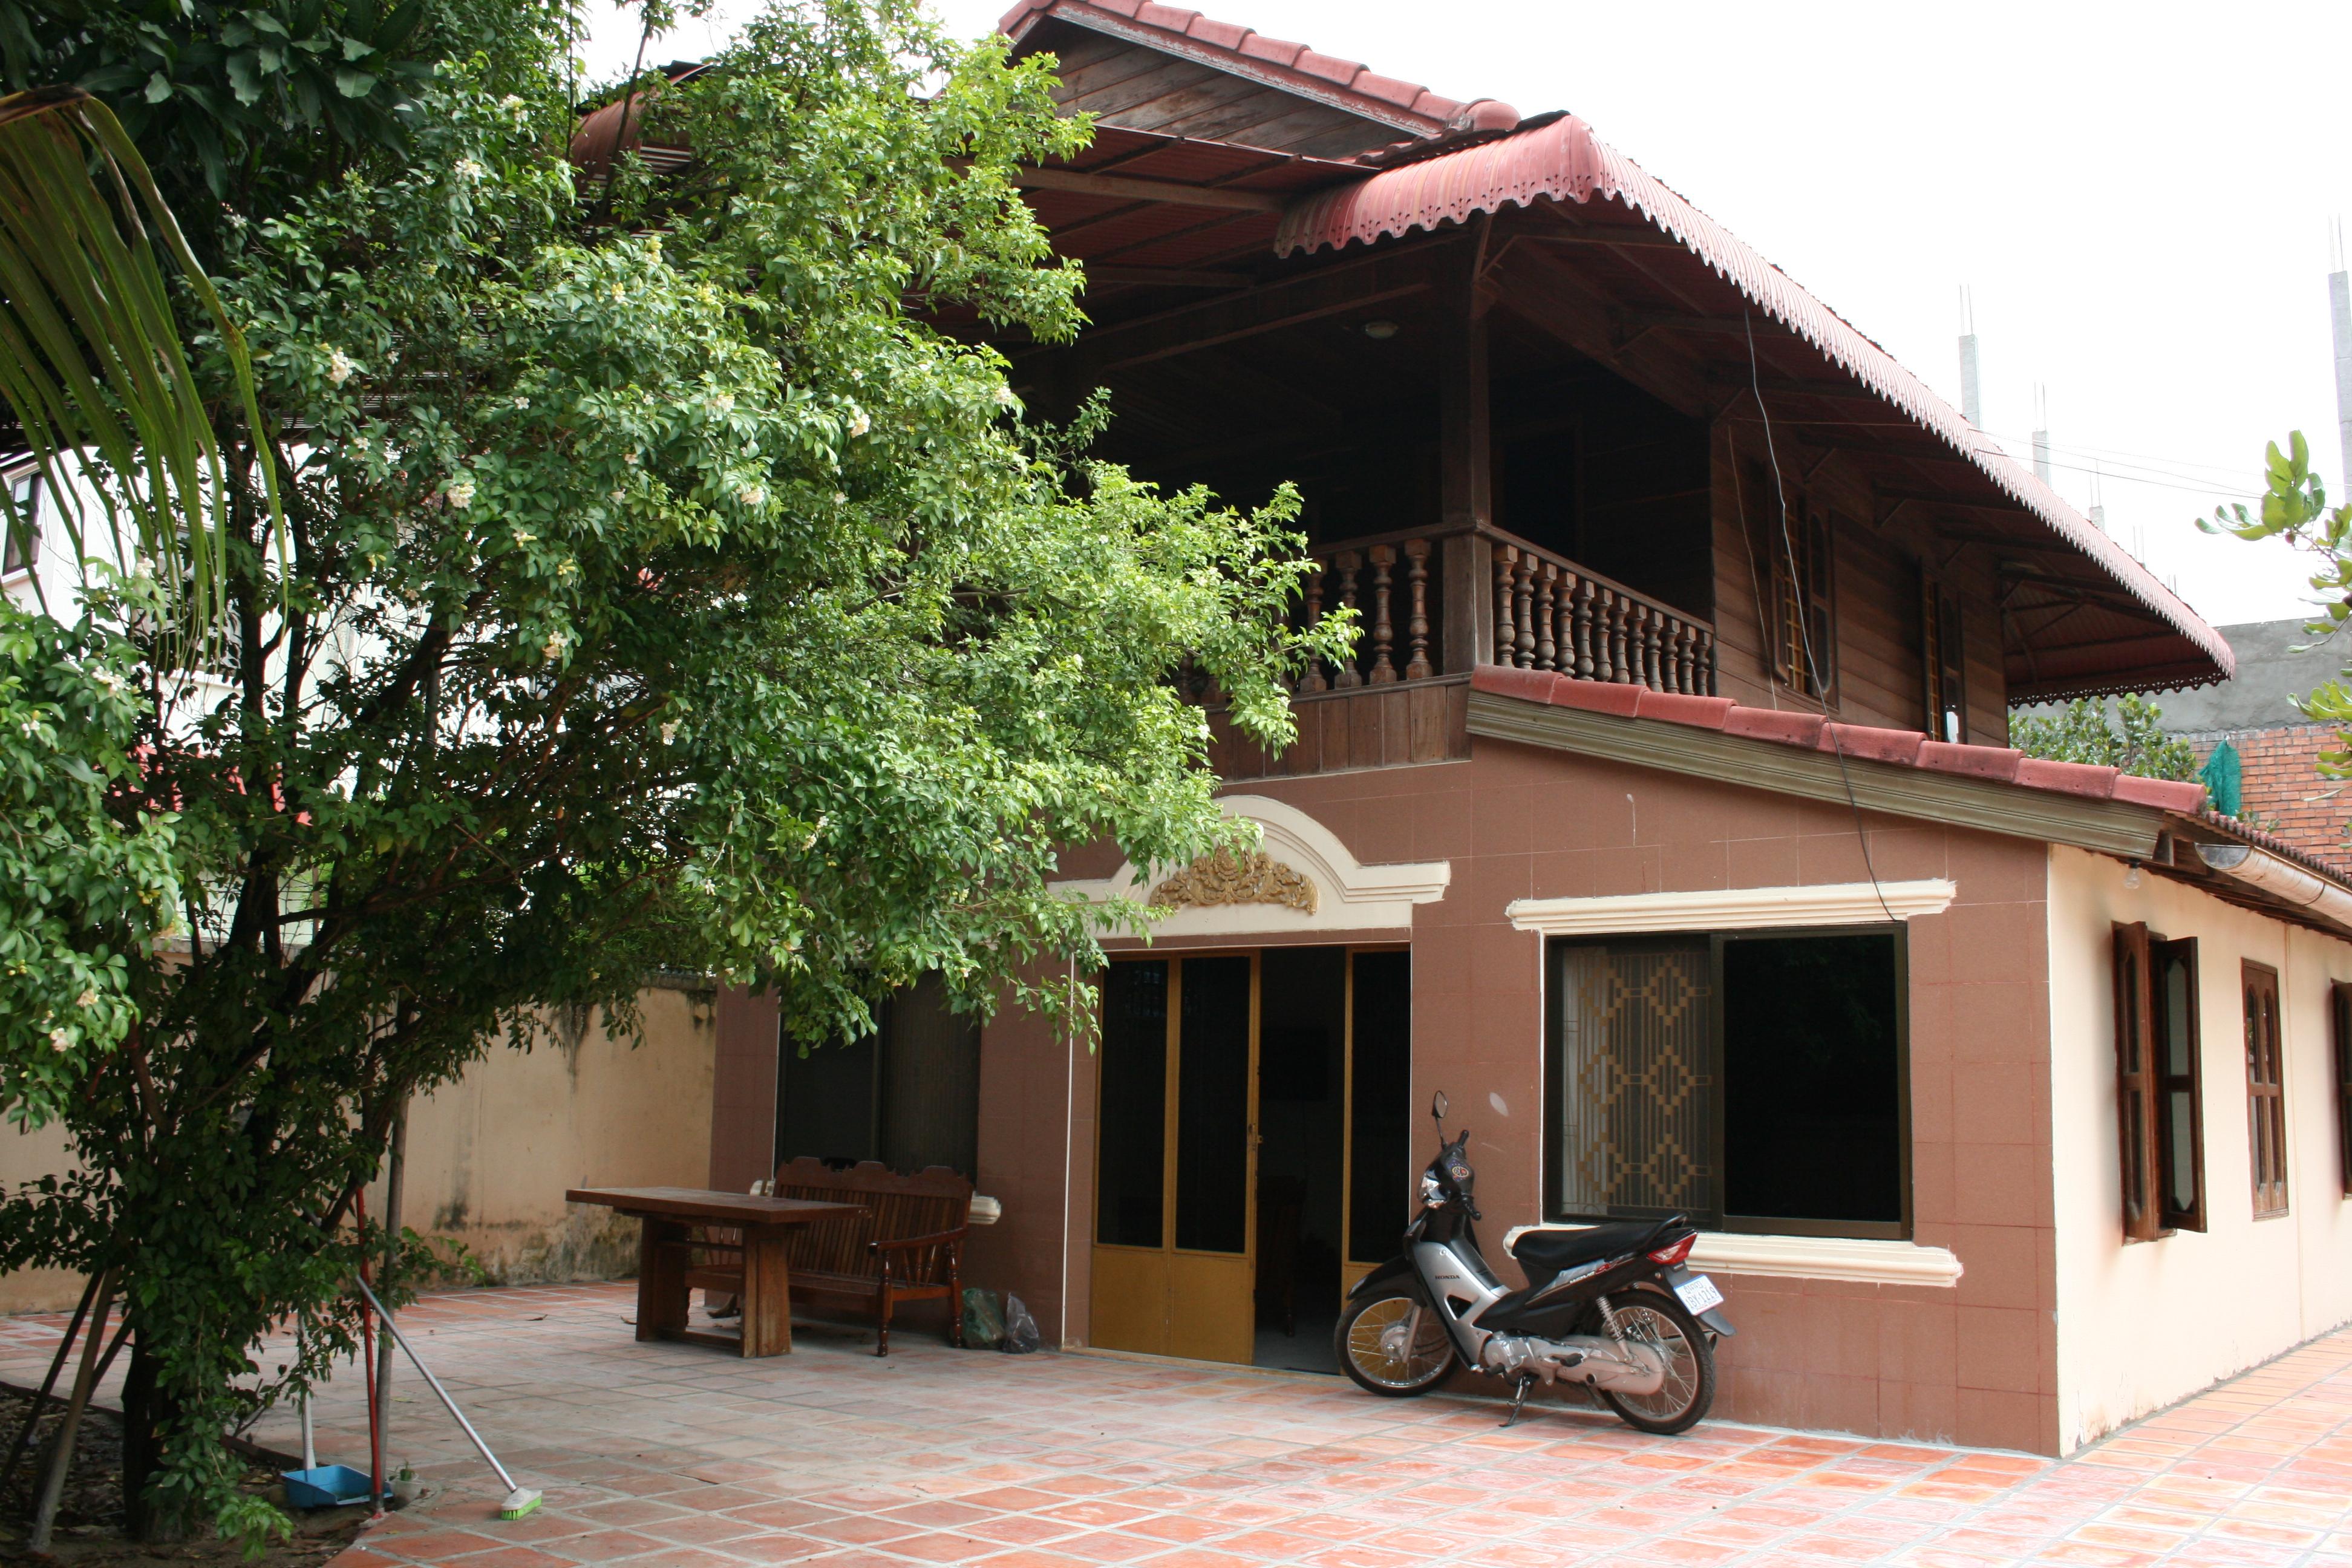 Купить жилье в камбодже русскому цены мадинат джумейра дубай официальный сайт на русском